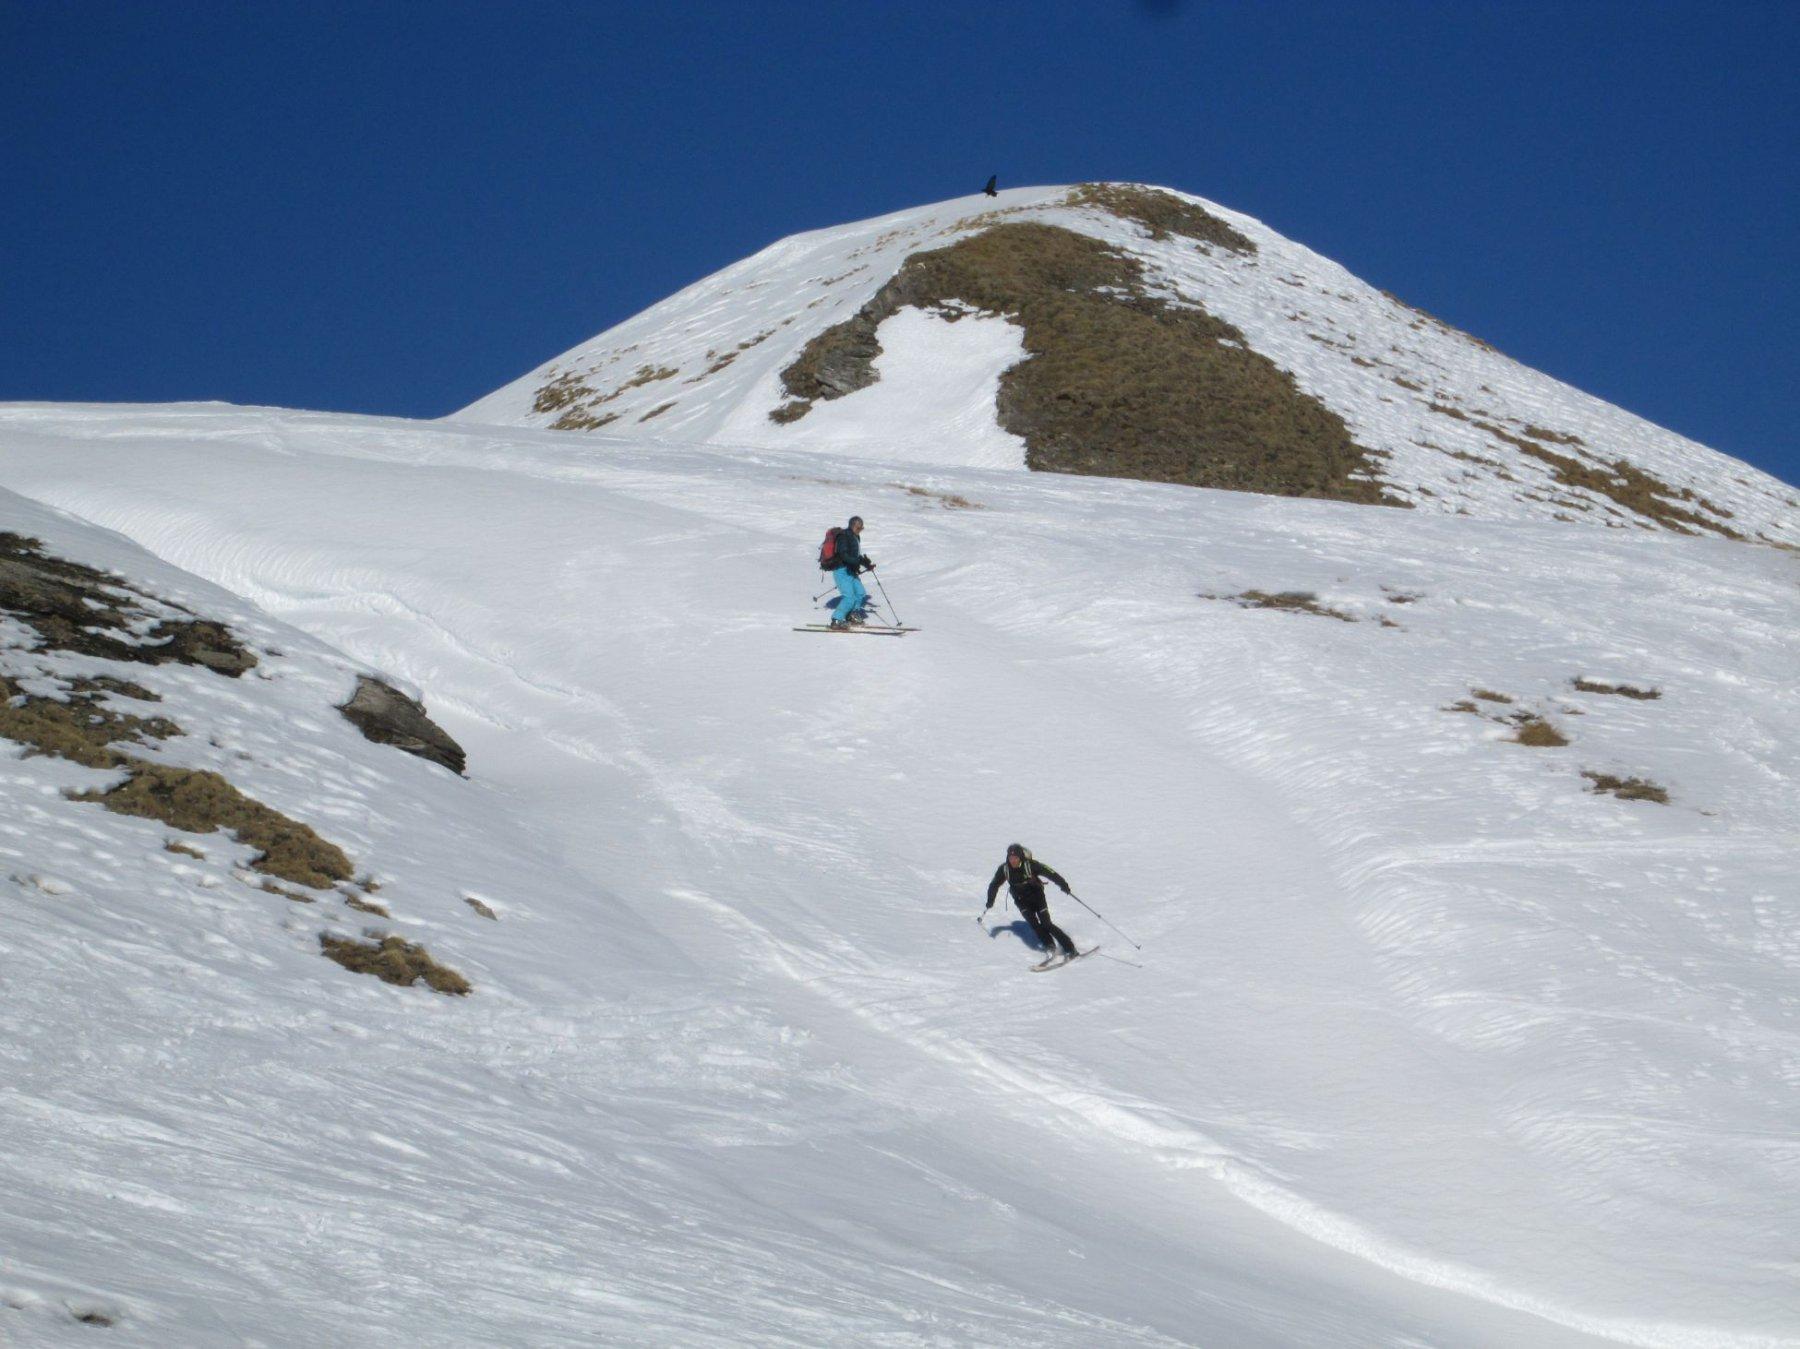 Fulvio e Bianca in discesa dopo la salita fino a circa 3000 metri